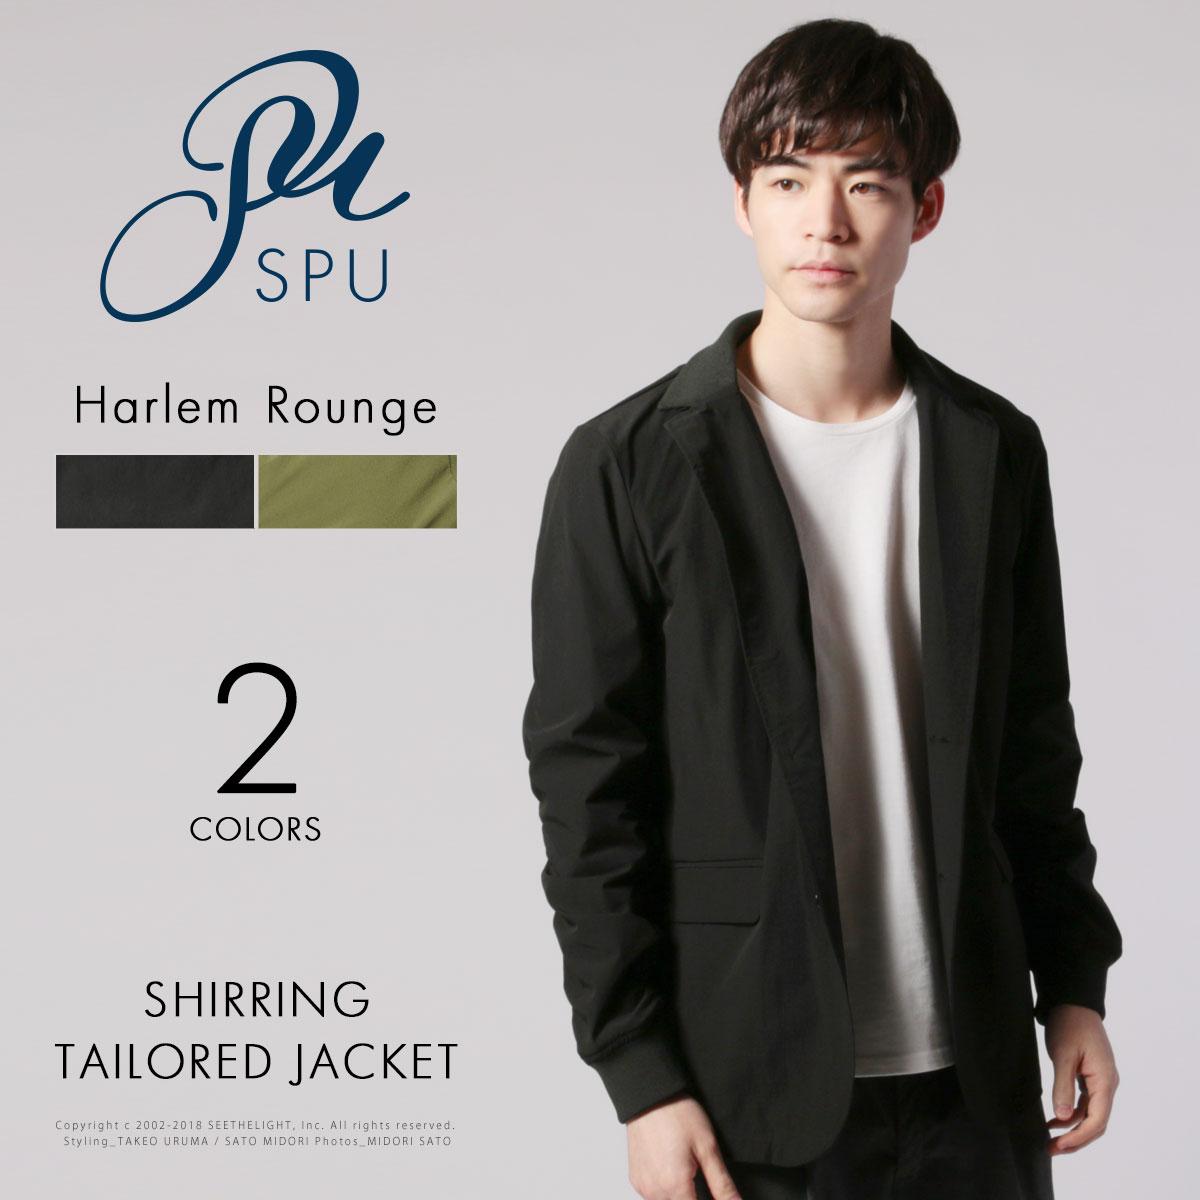 メンズ ジャケット 春 秋 メンズファッション ナイロン シャーリング テーラード ジャケット リブ Harlem Rounge ハーレムラウンジ